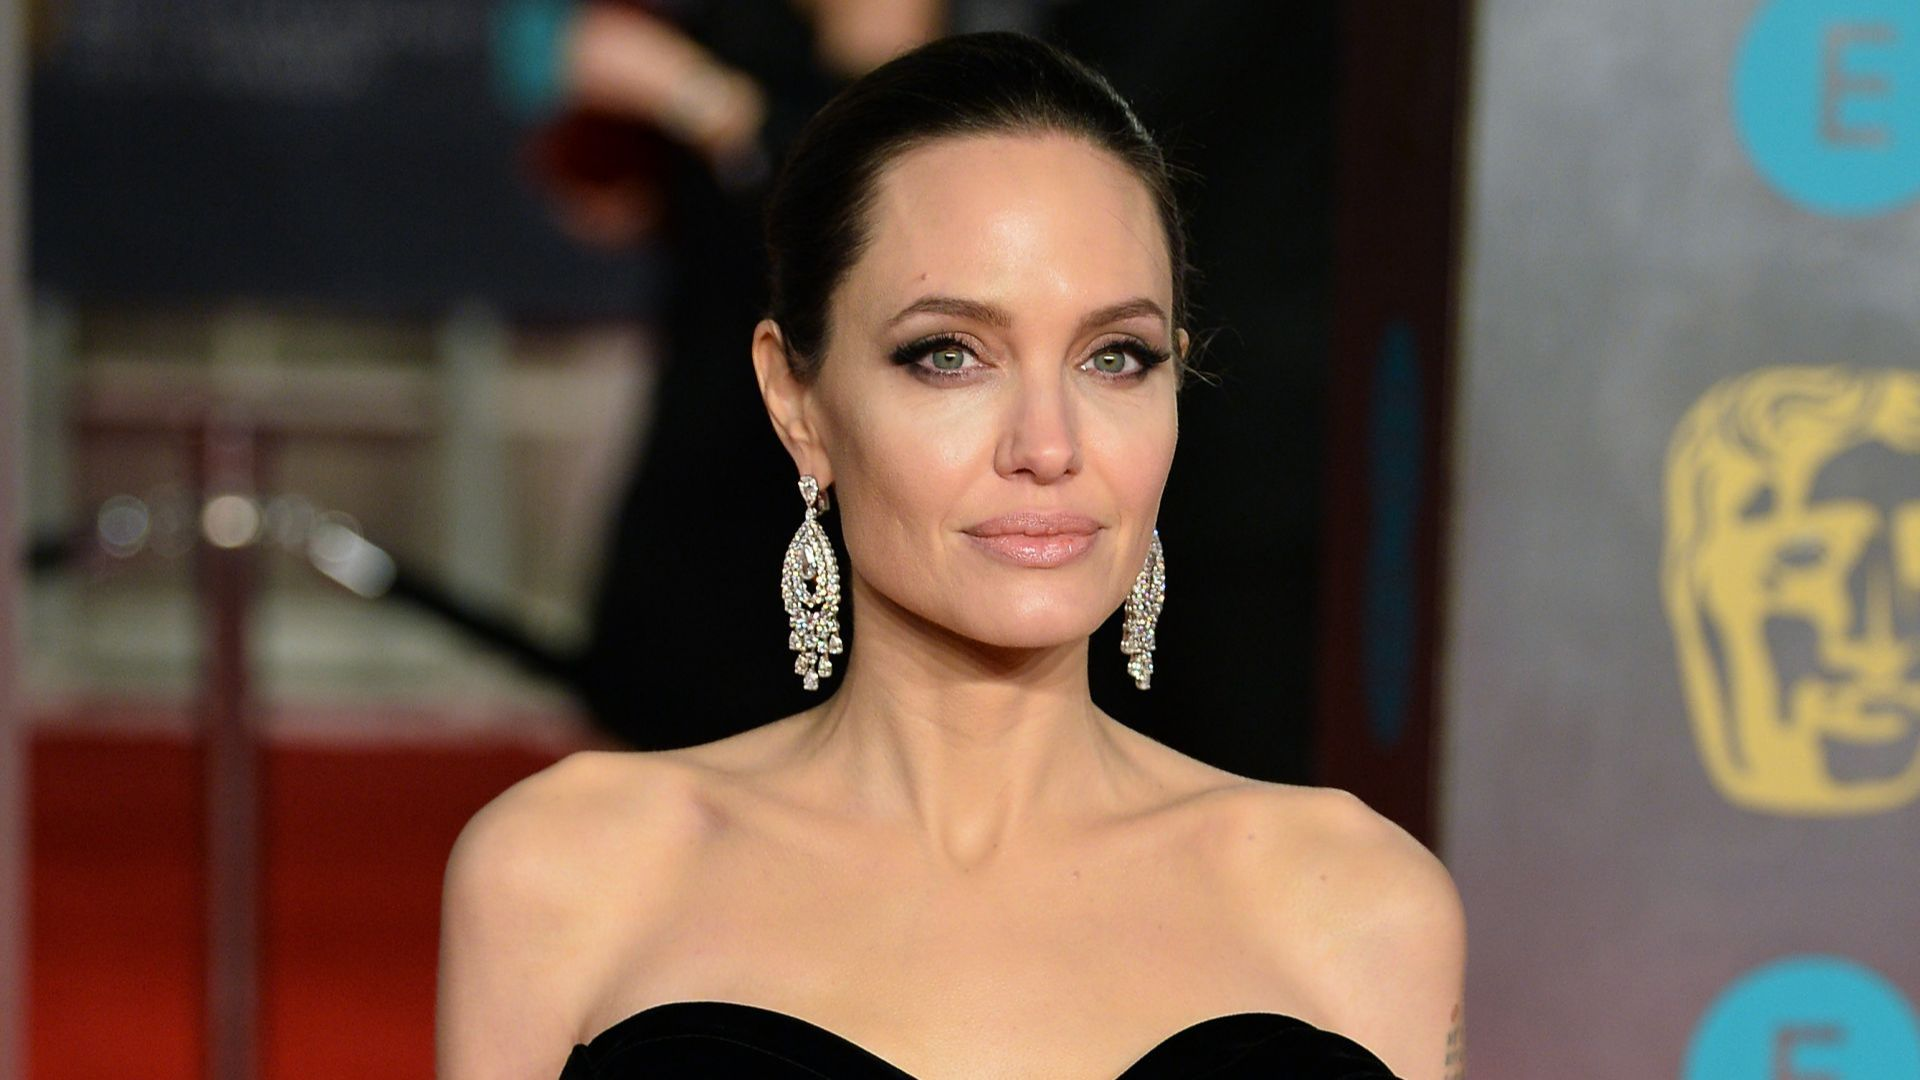 Анджелина Джоли разглежда имоти в Лондон, иска да се мести с децата